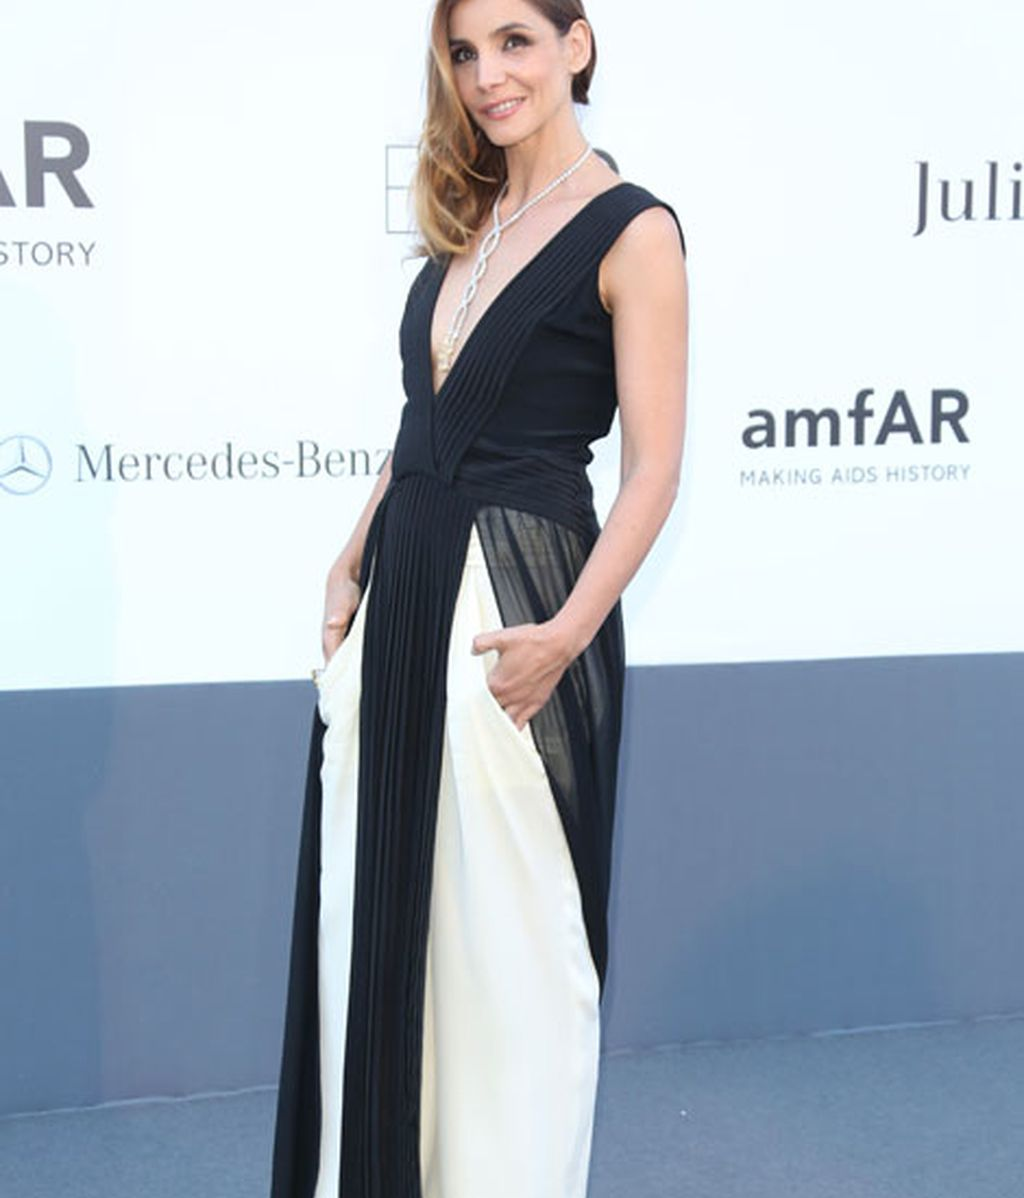 La actriz Clotilde Courau impresionó con un vestido en blanco y negro